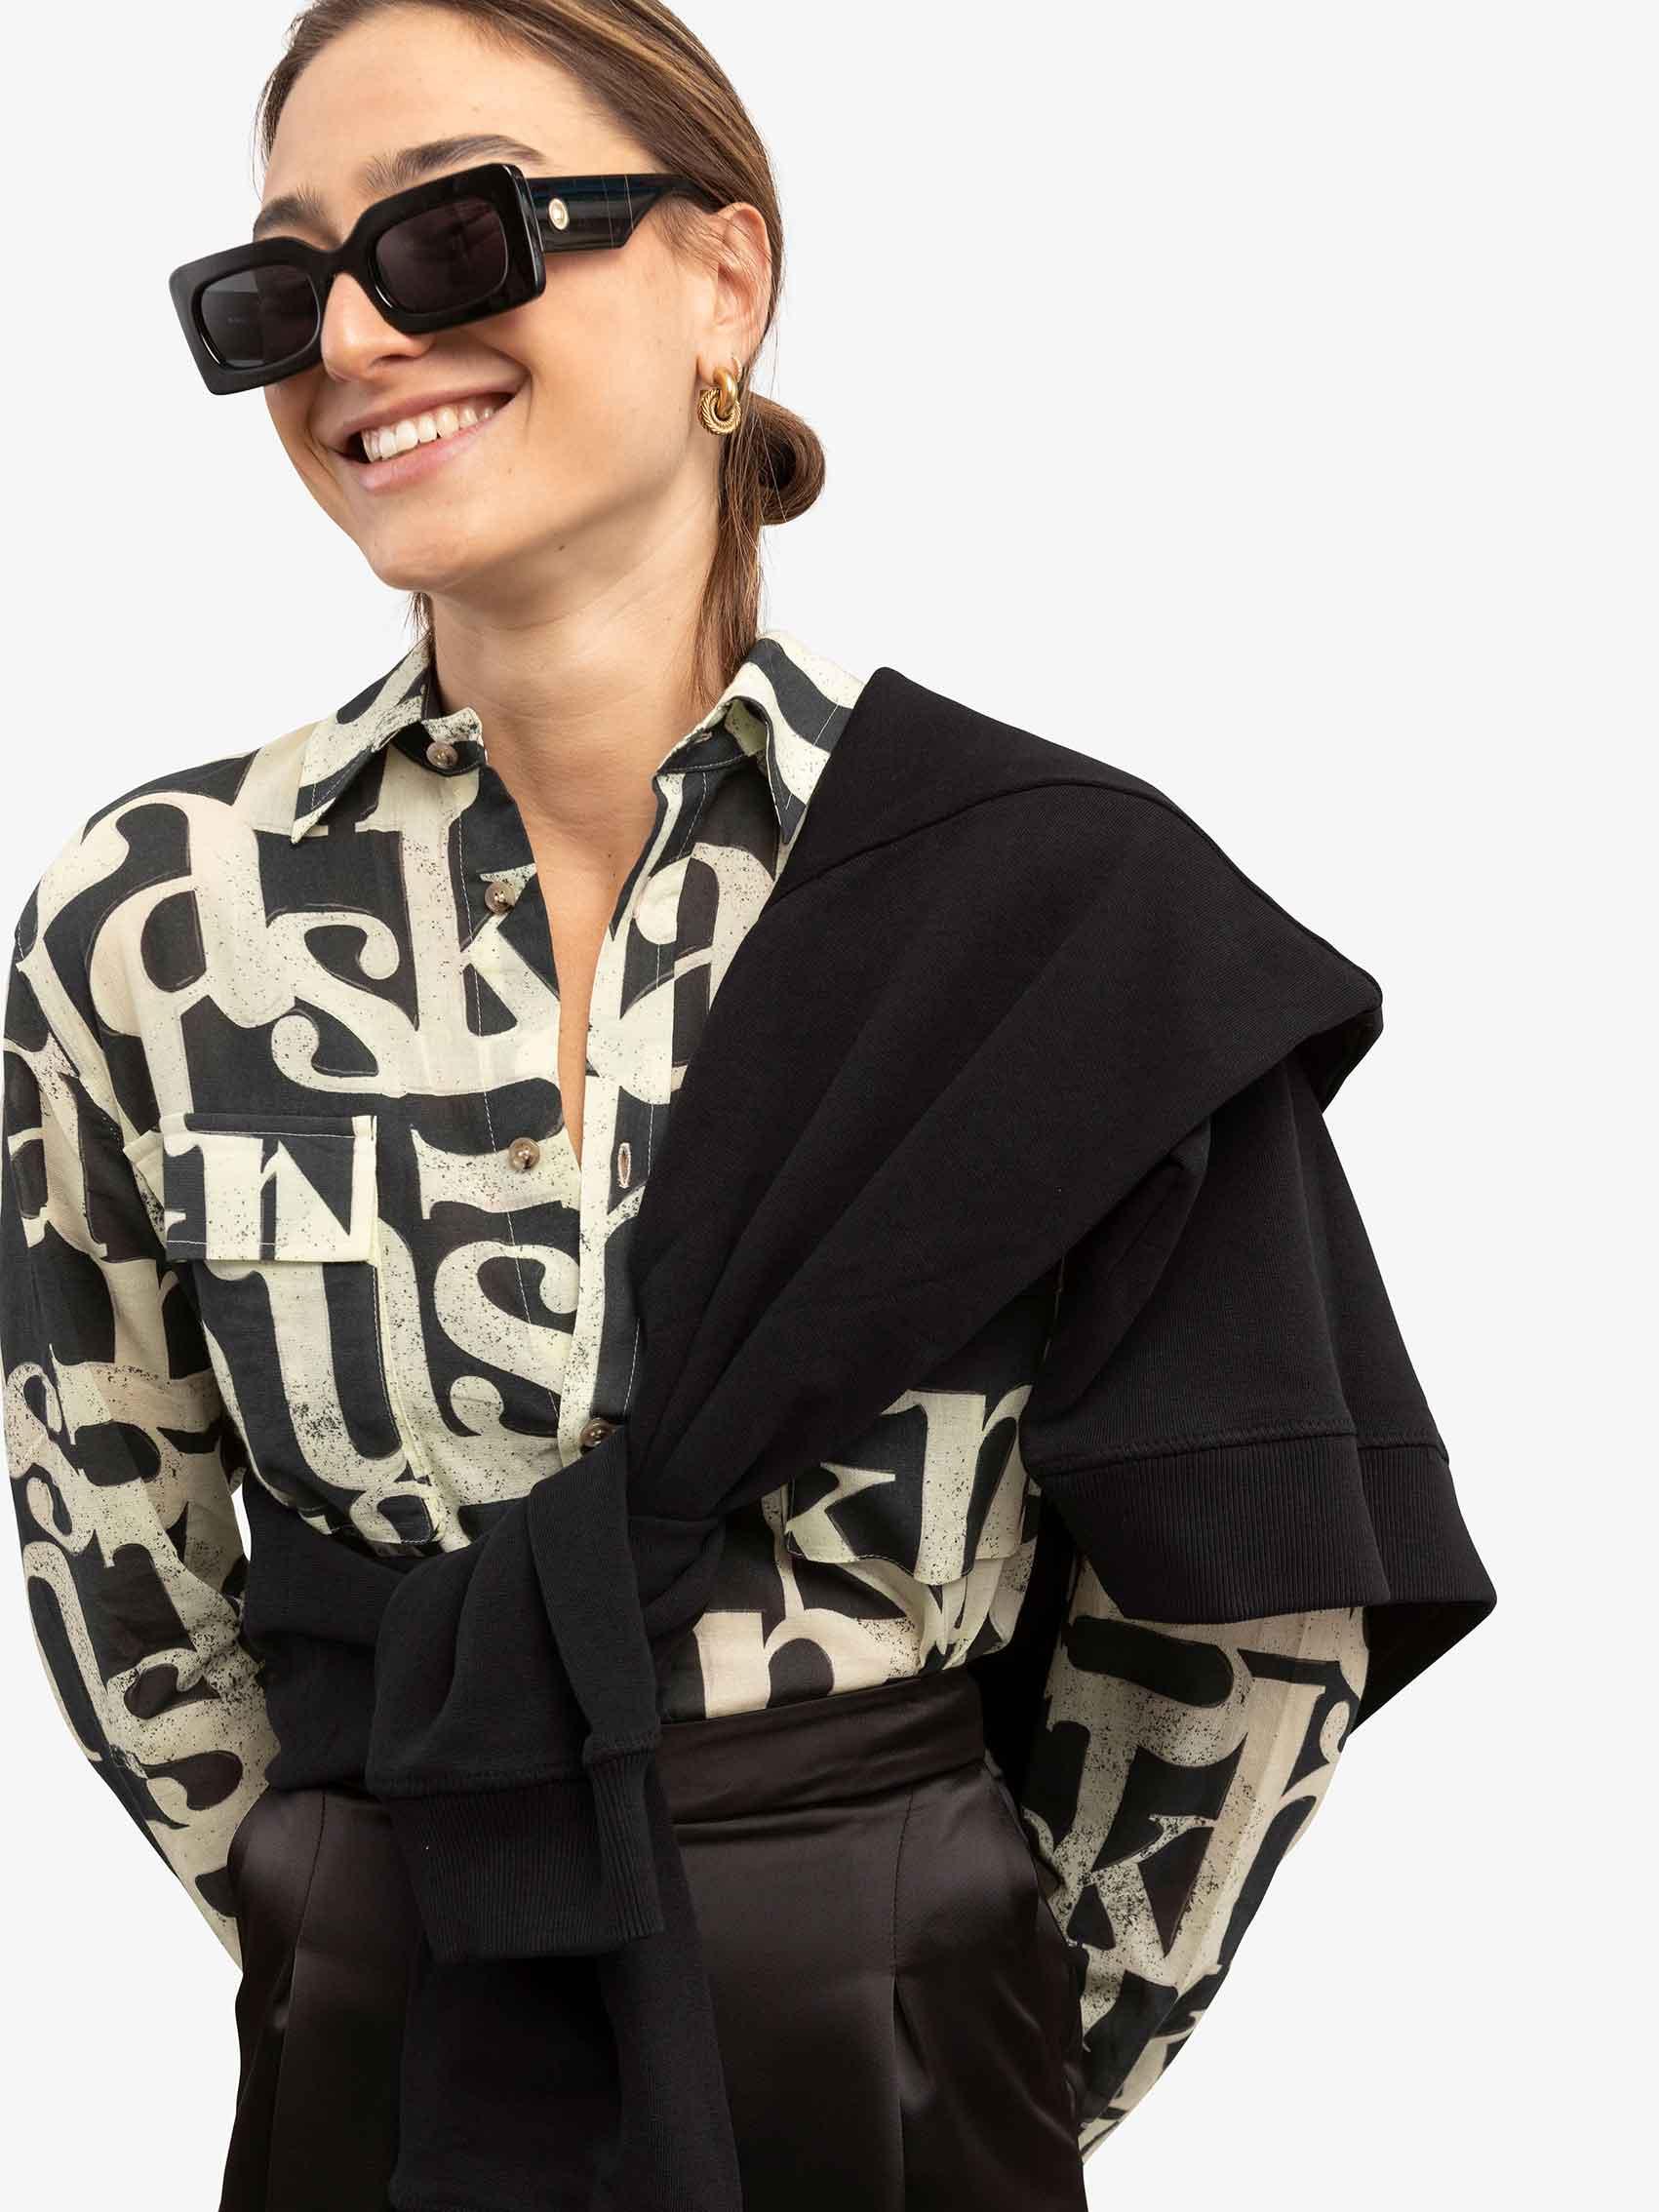 אופנה-עמנואל--מחיר-330שח-צילום-דנה-קרן